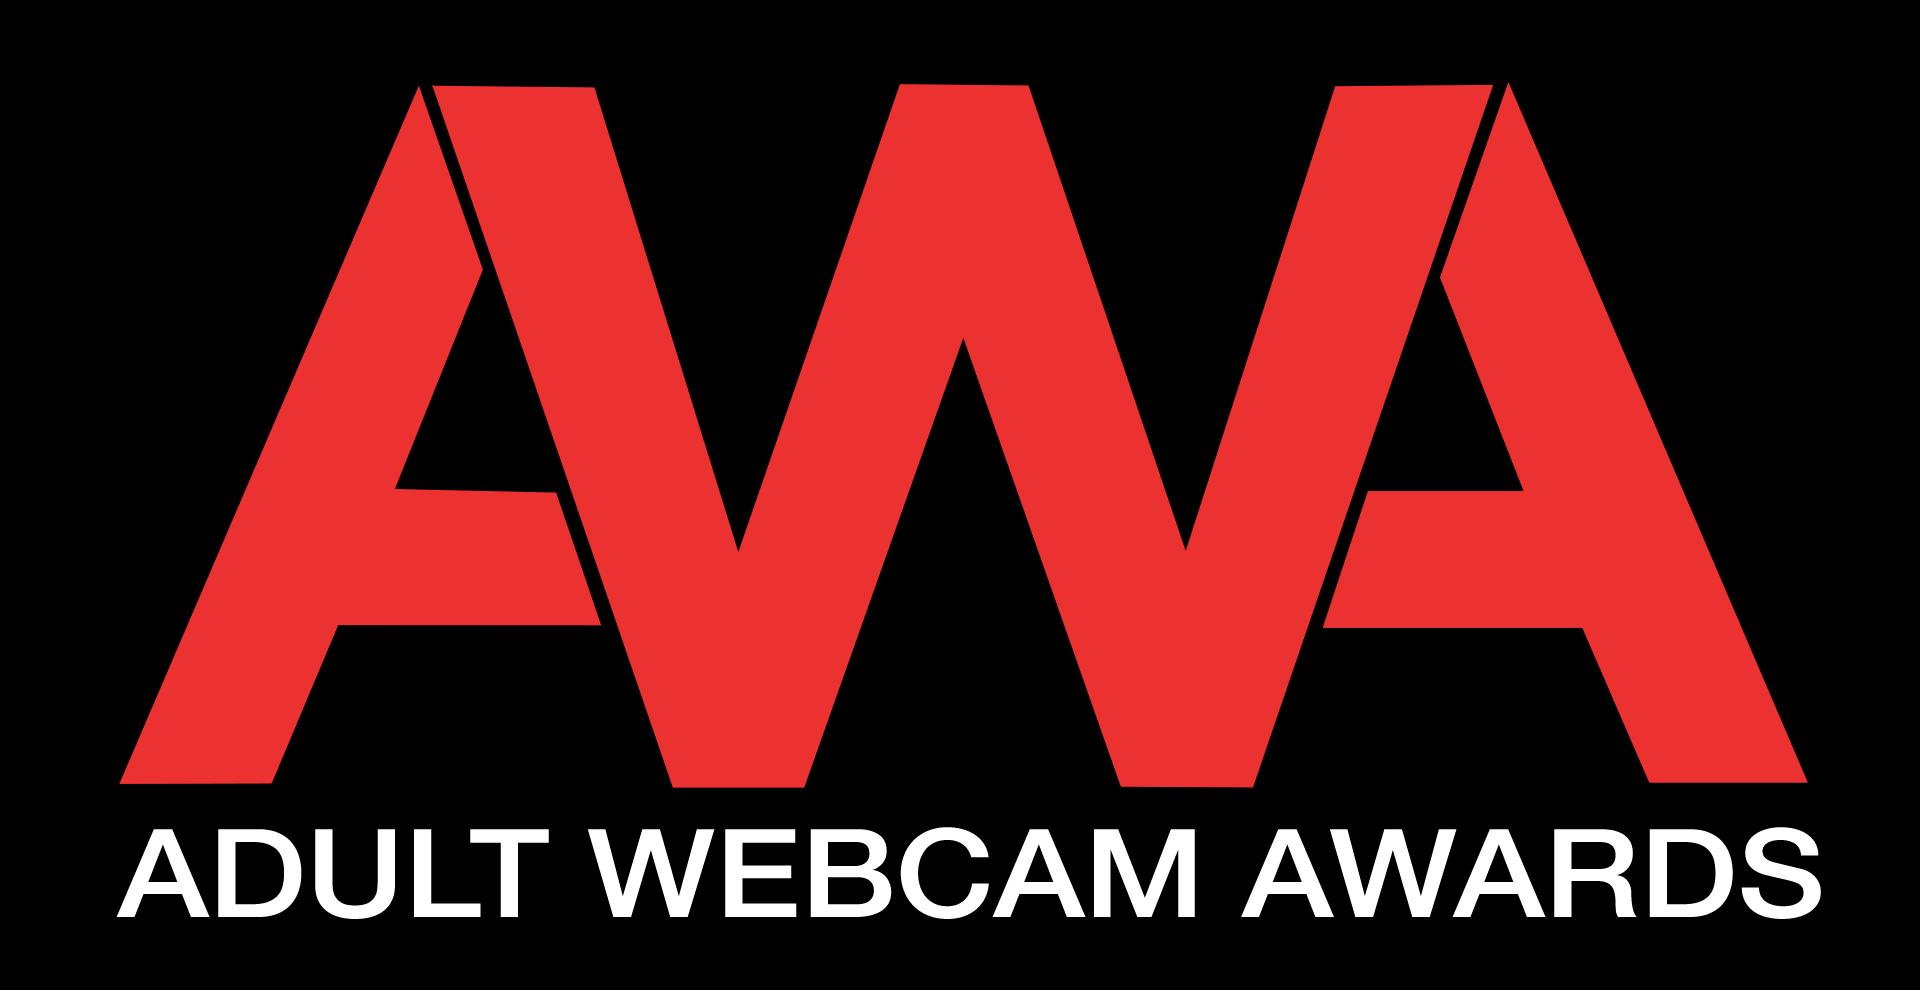 adult webcam awards logo